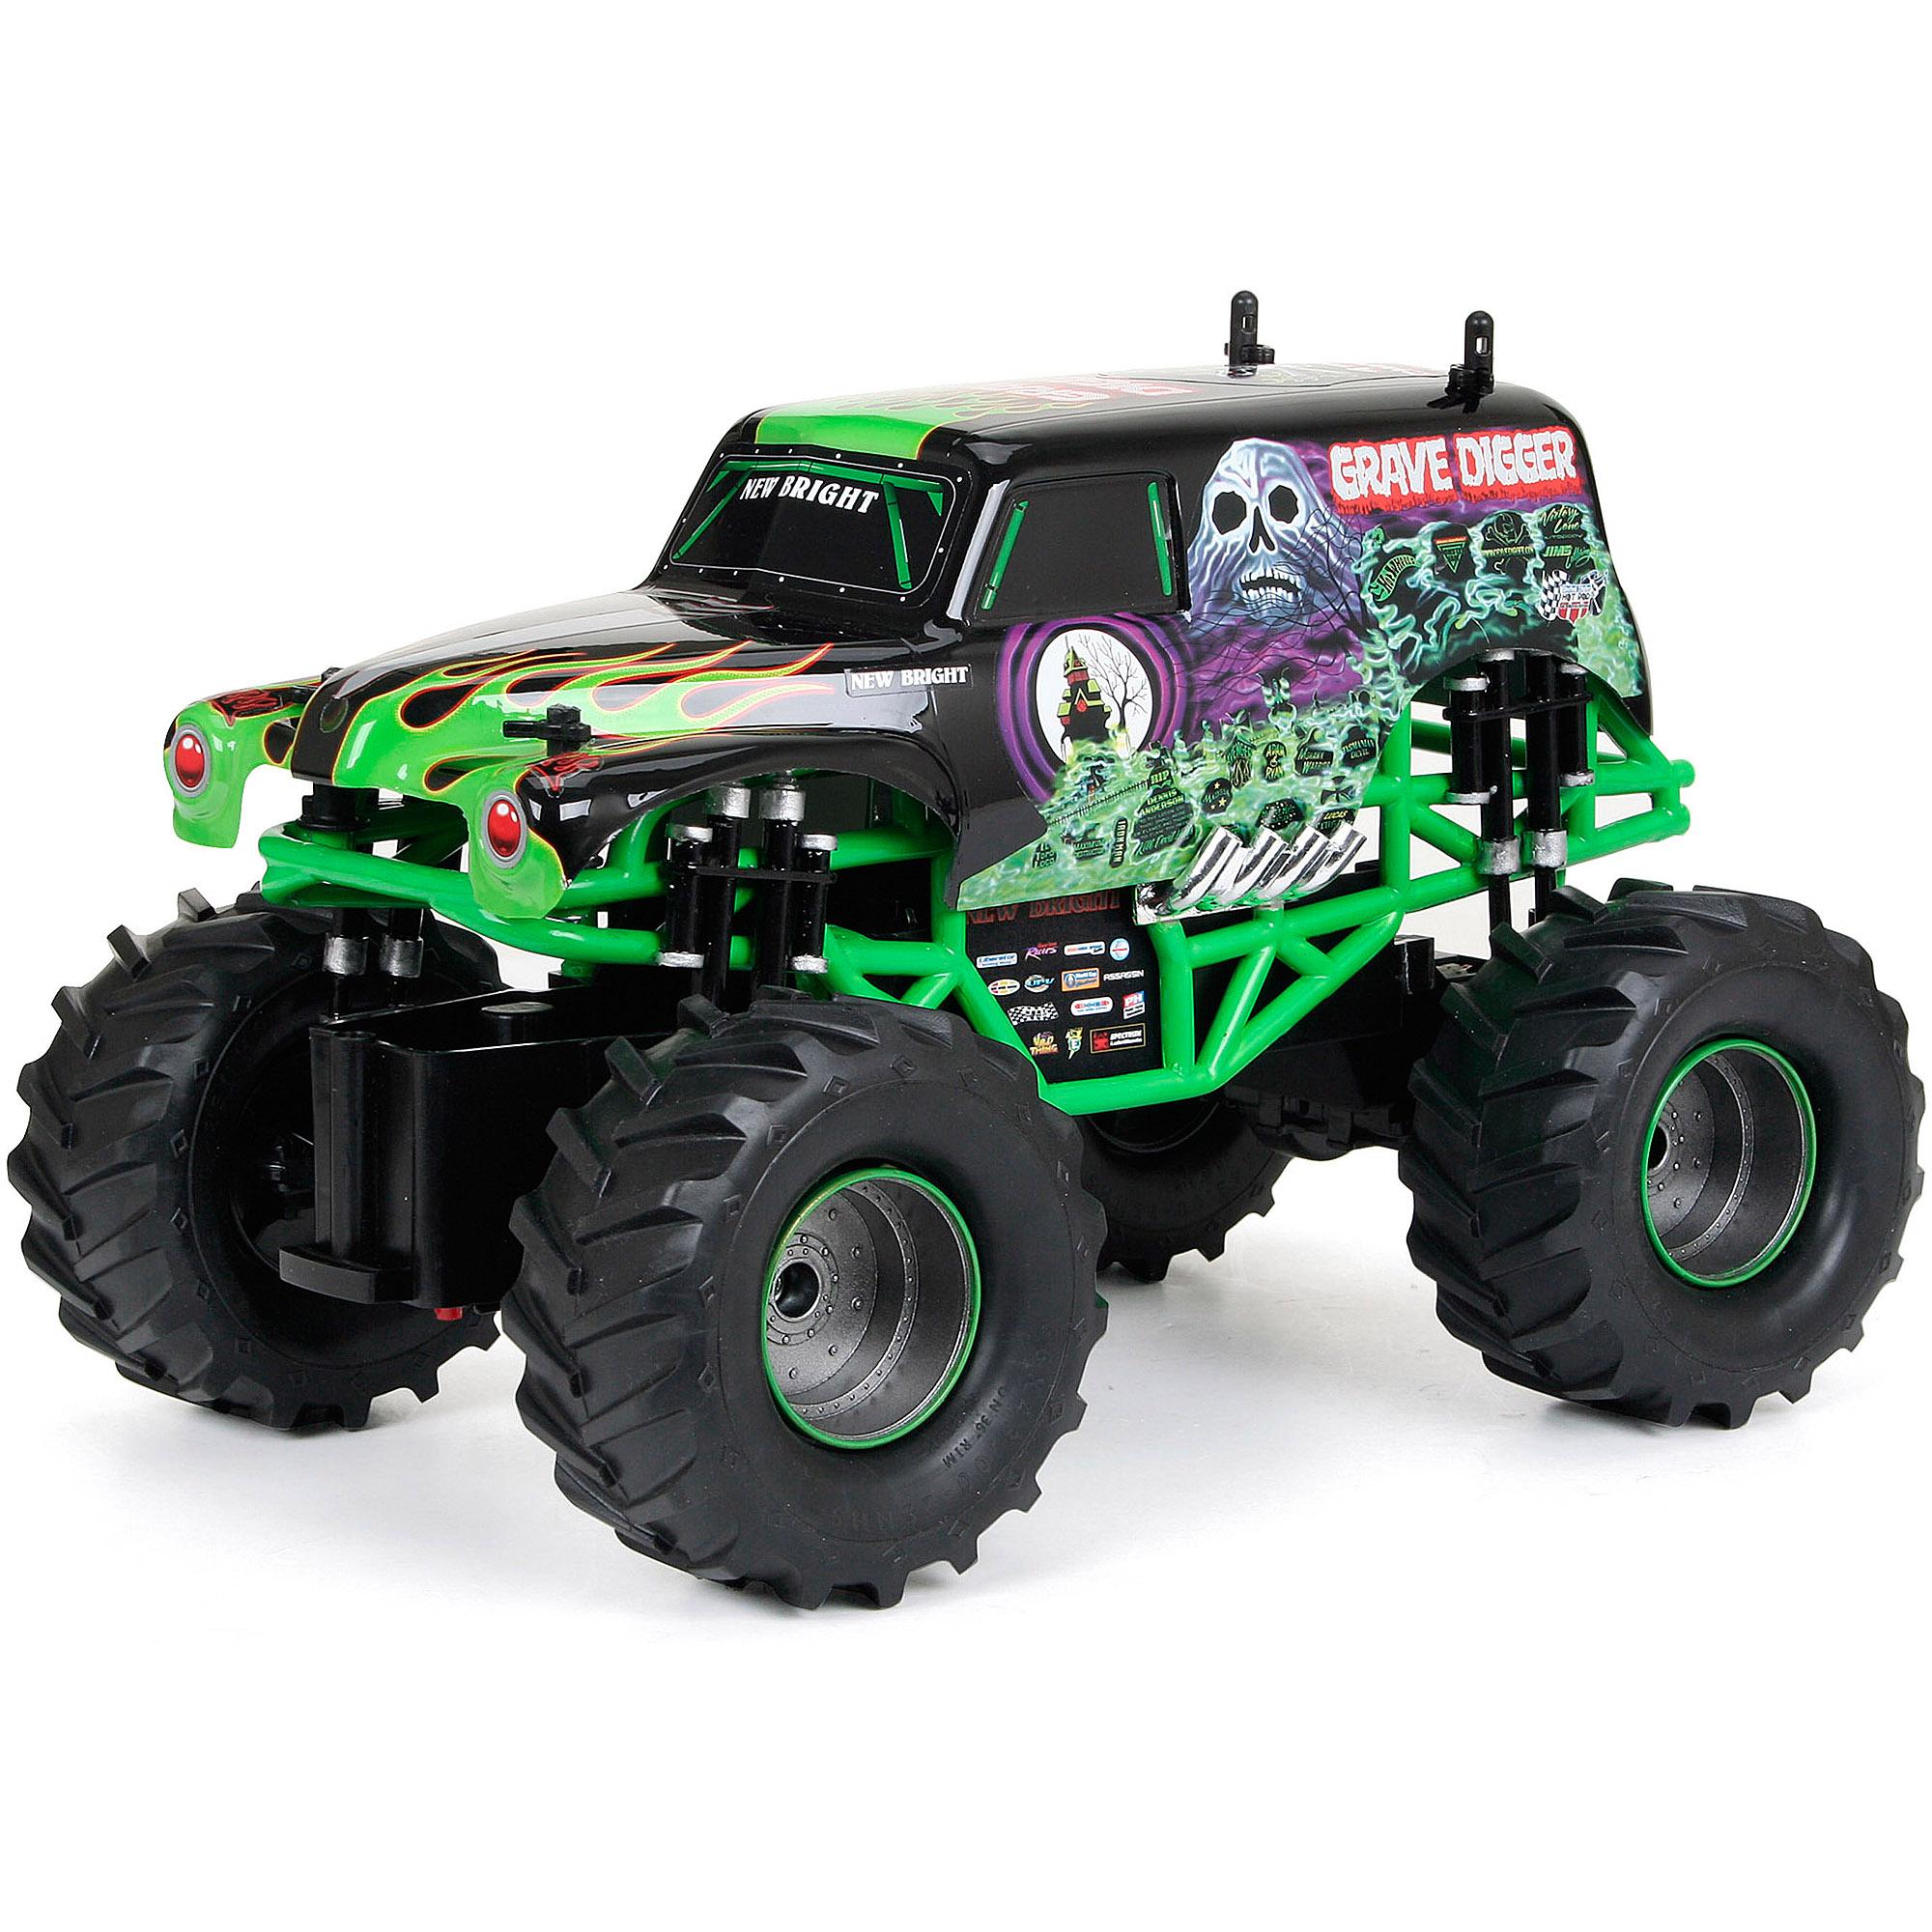 1:15 R/C Full-Function Monster Jam Grave Digger